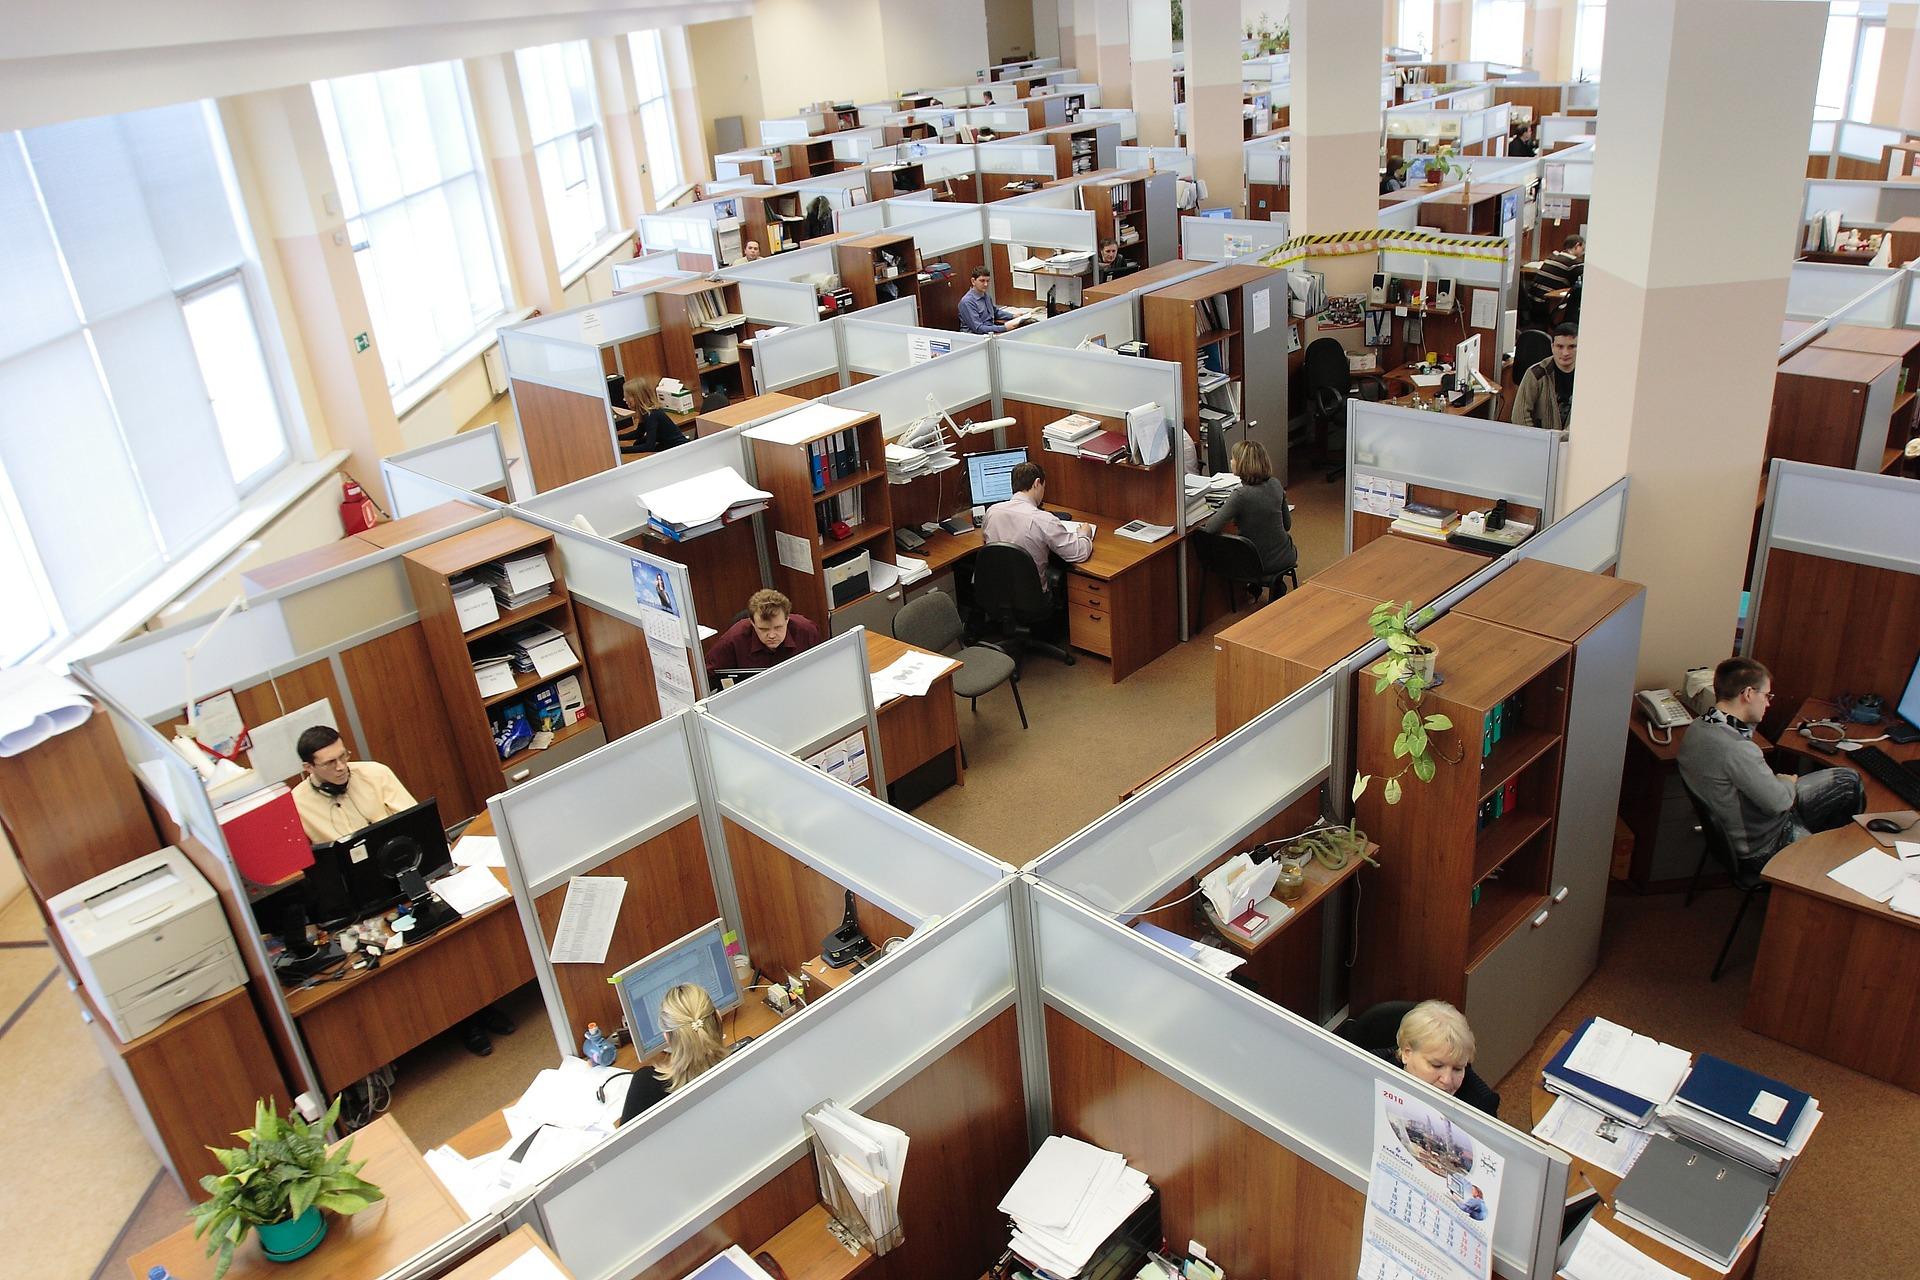 Comment impliquer les salariés ?